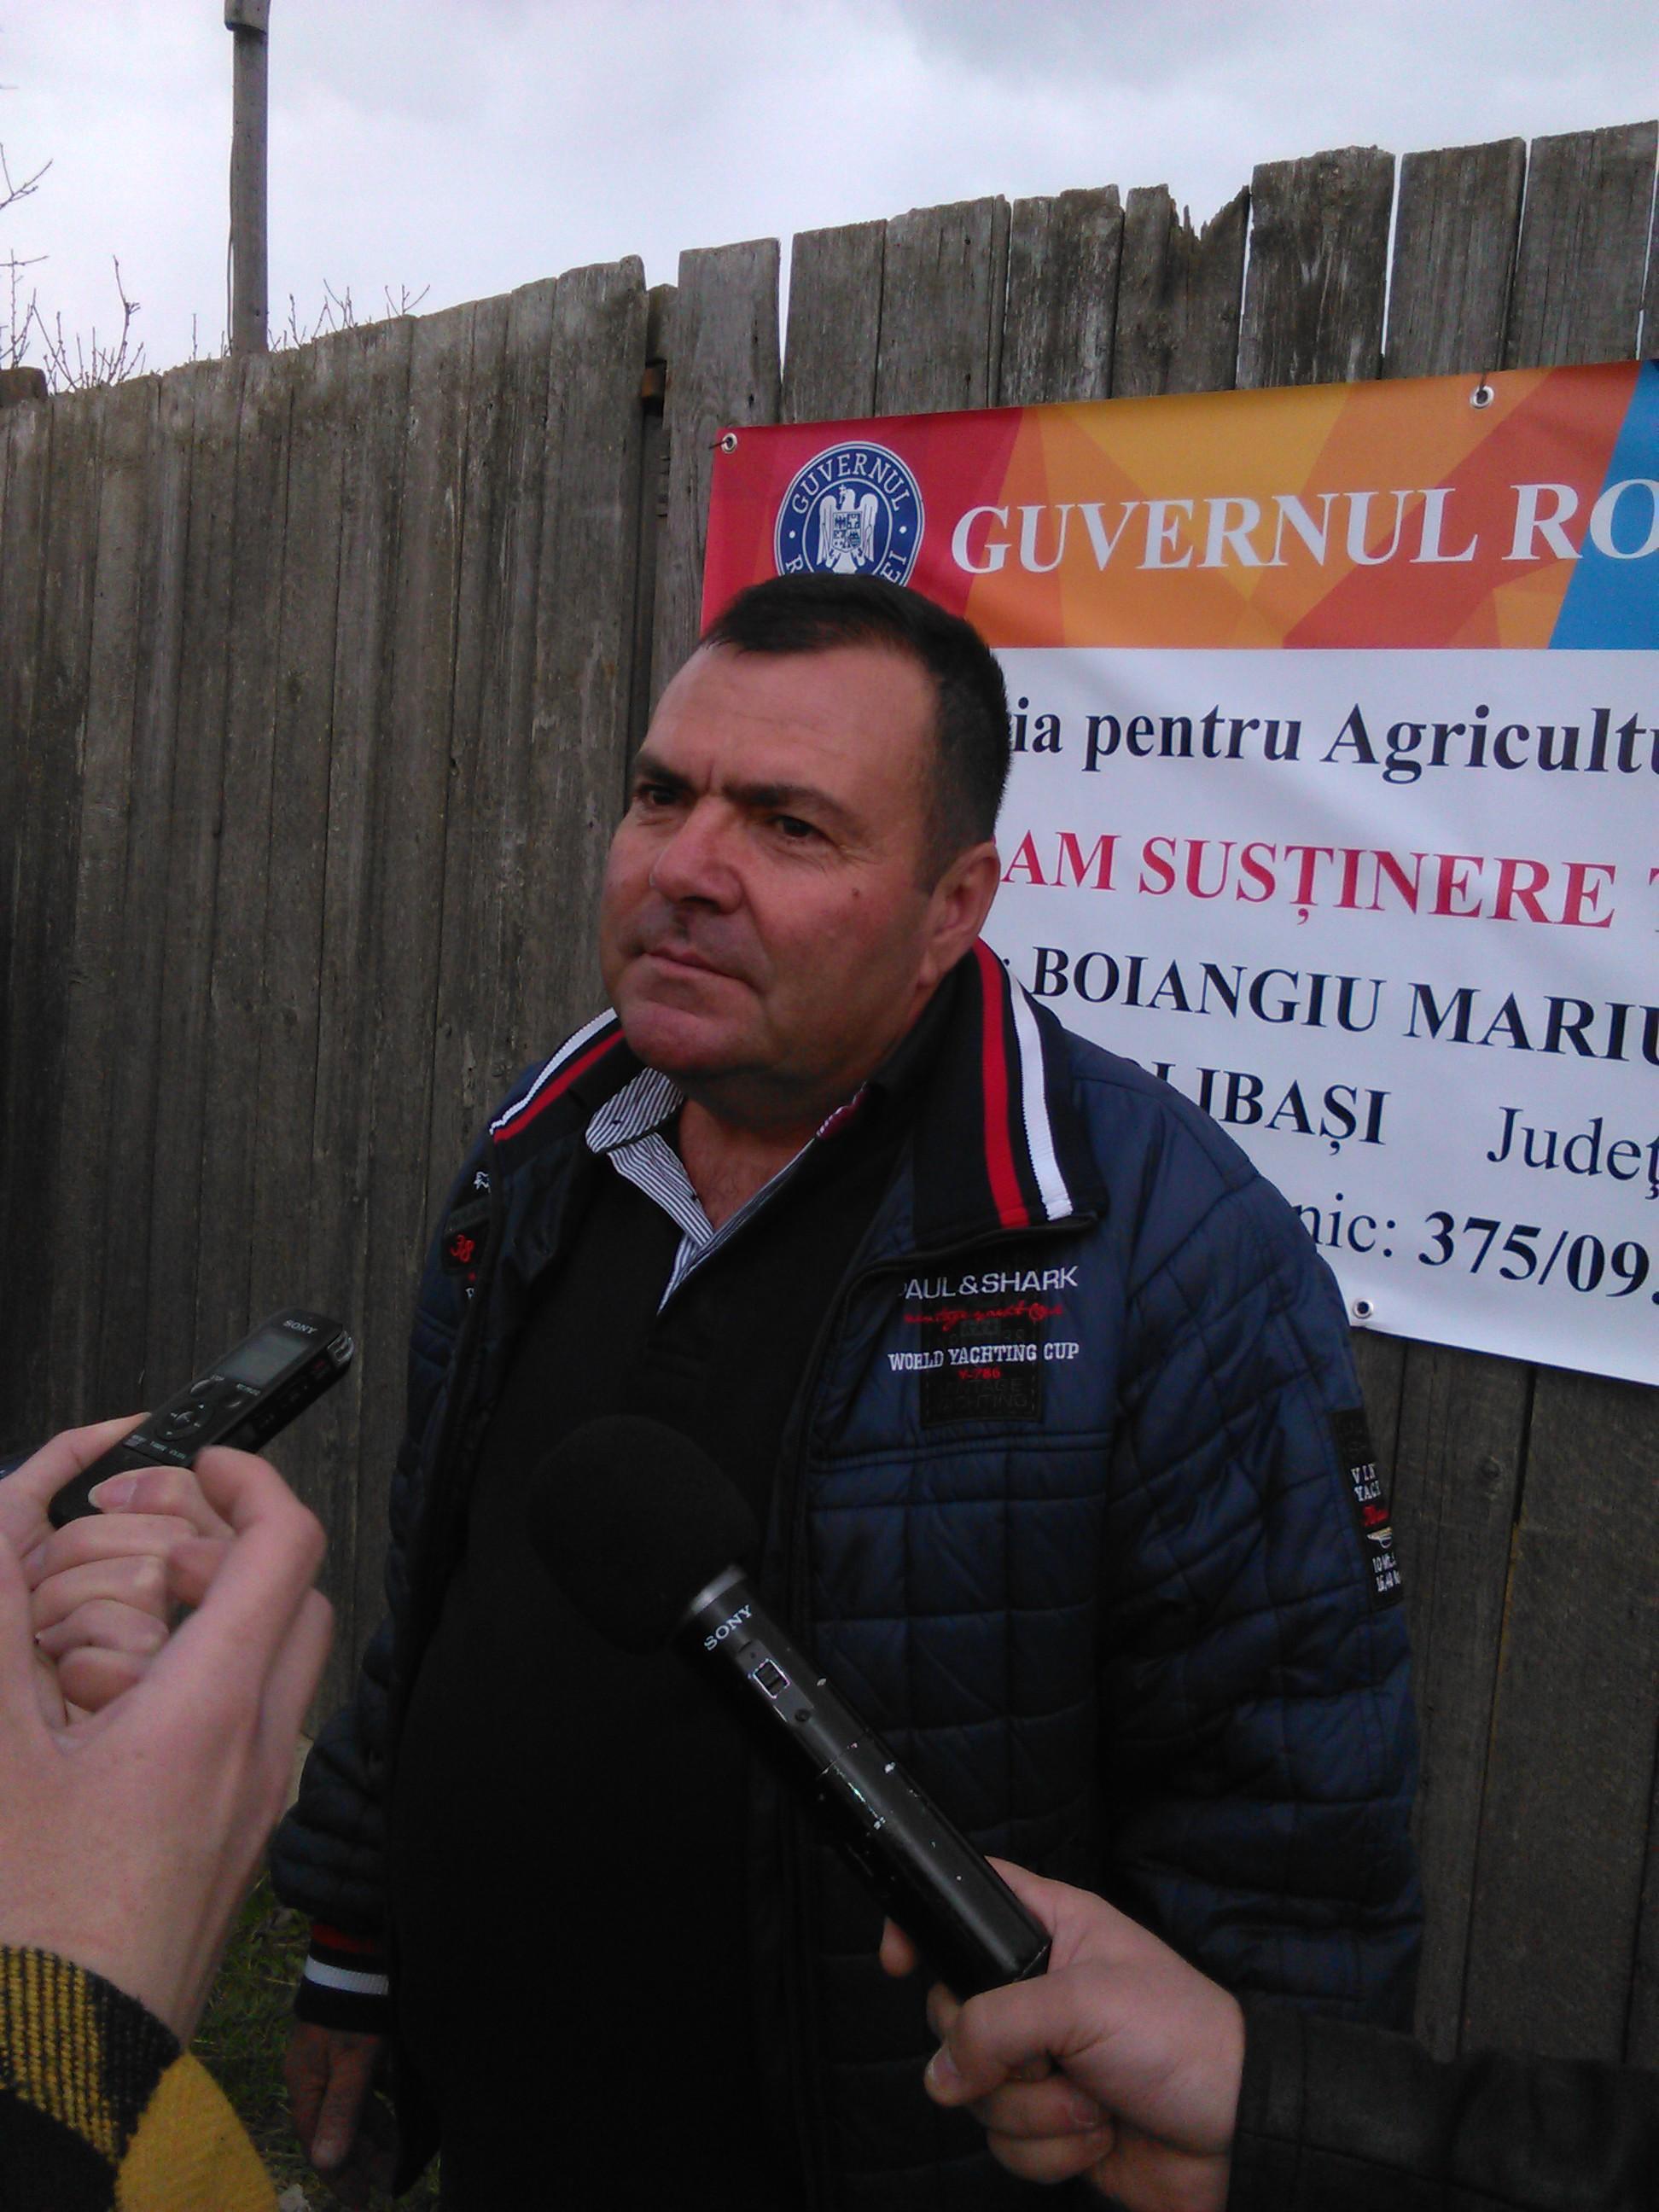 Gheorghe Boiangiu, legumicultor Colibasi: Noi daca ramanem cu 10% din ce cheltuim, este bine